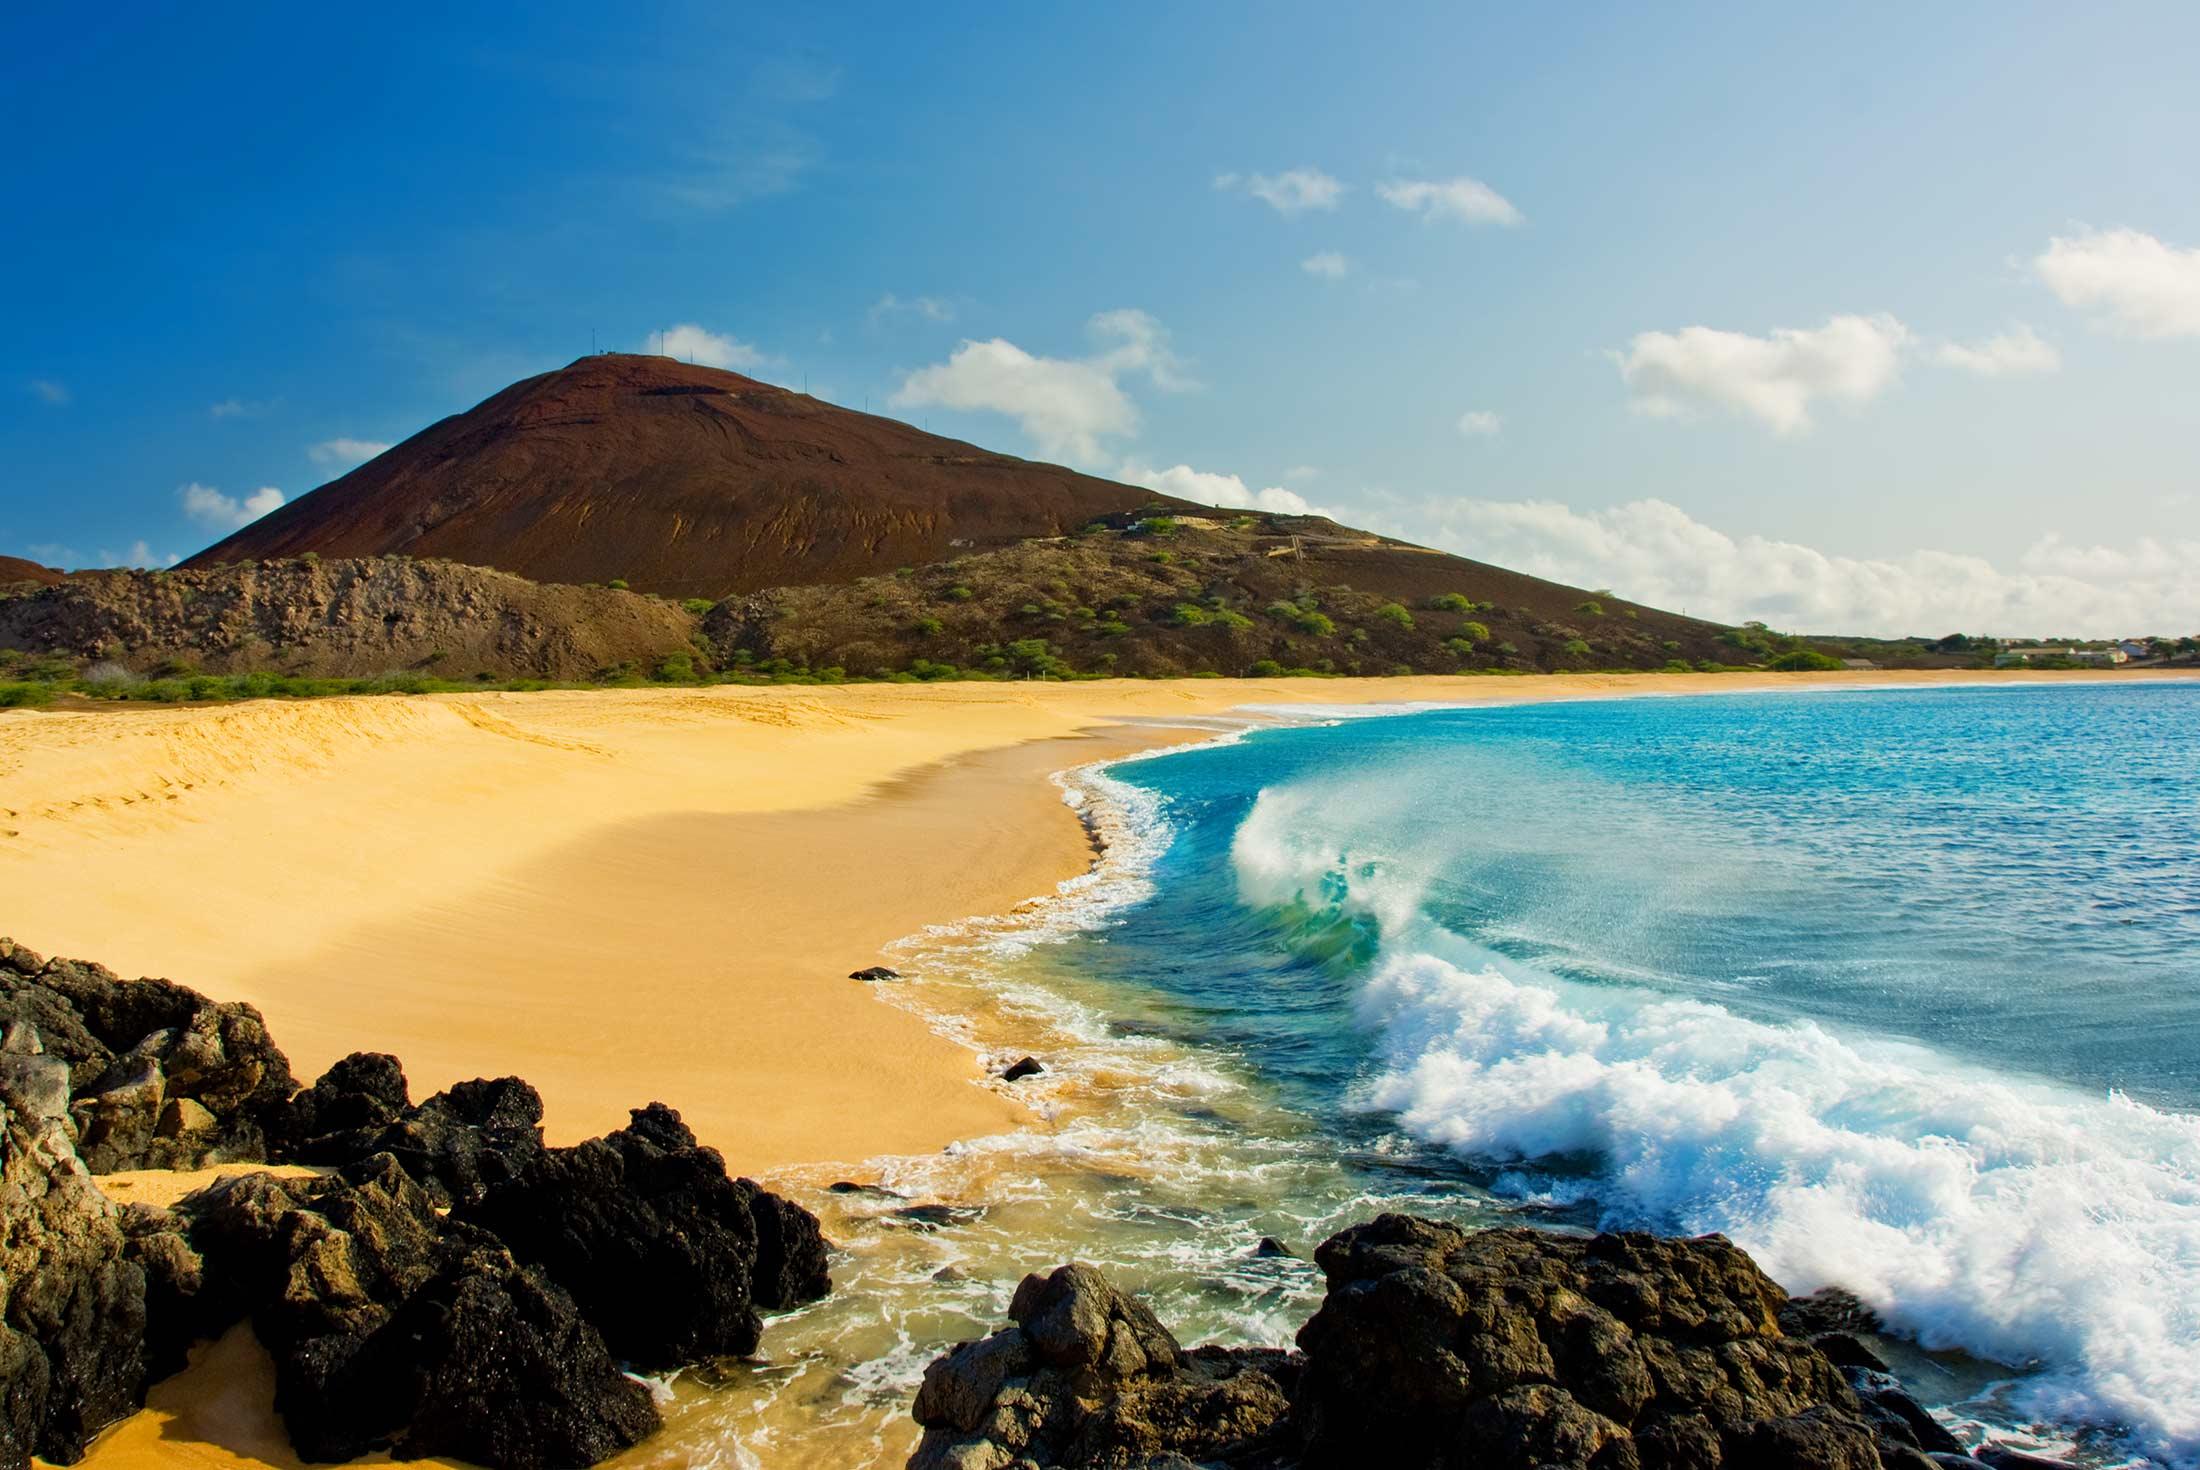 Ushuaia to Cape Verde via the Atlantic Islands 1